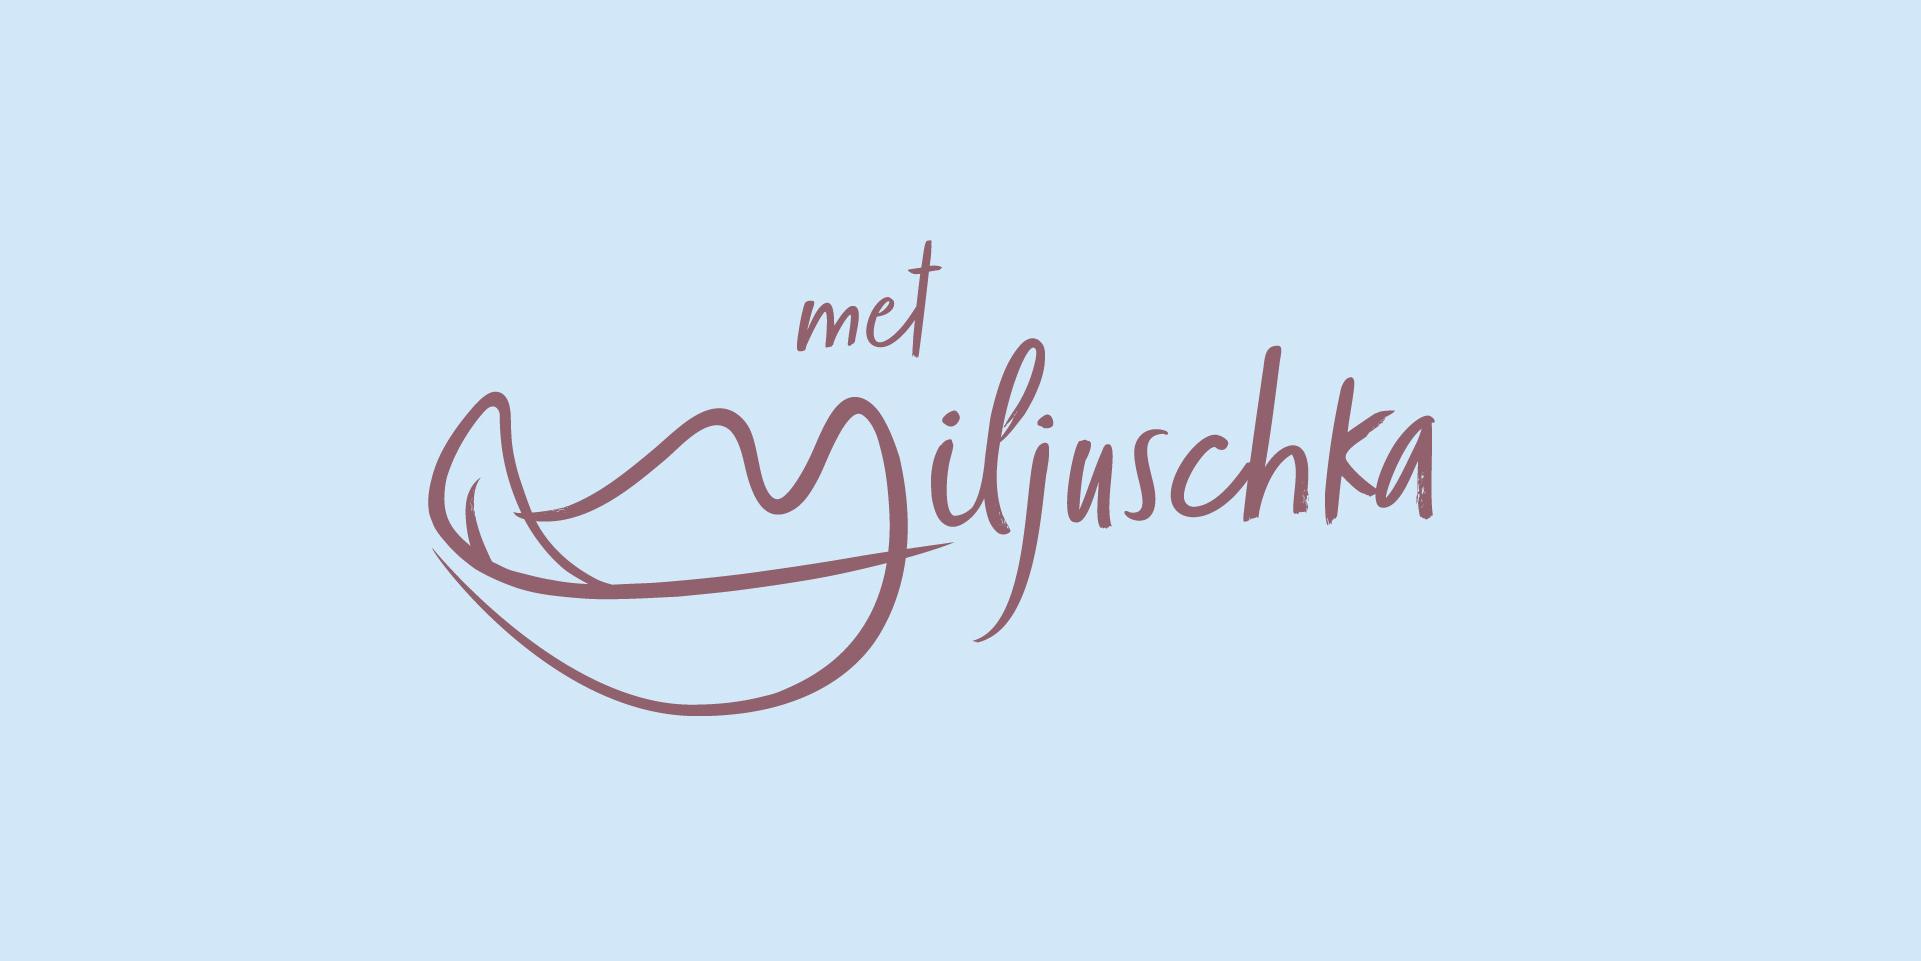 Met Miljuschka